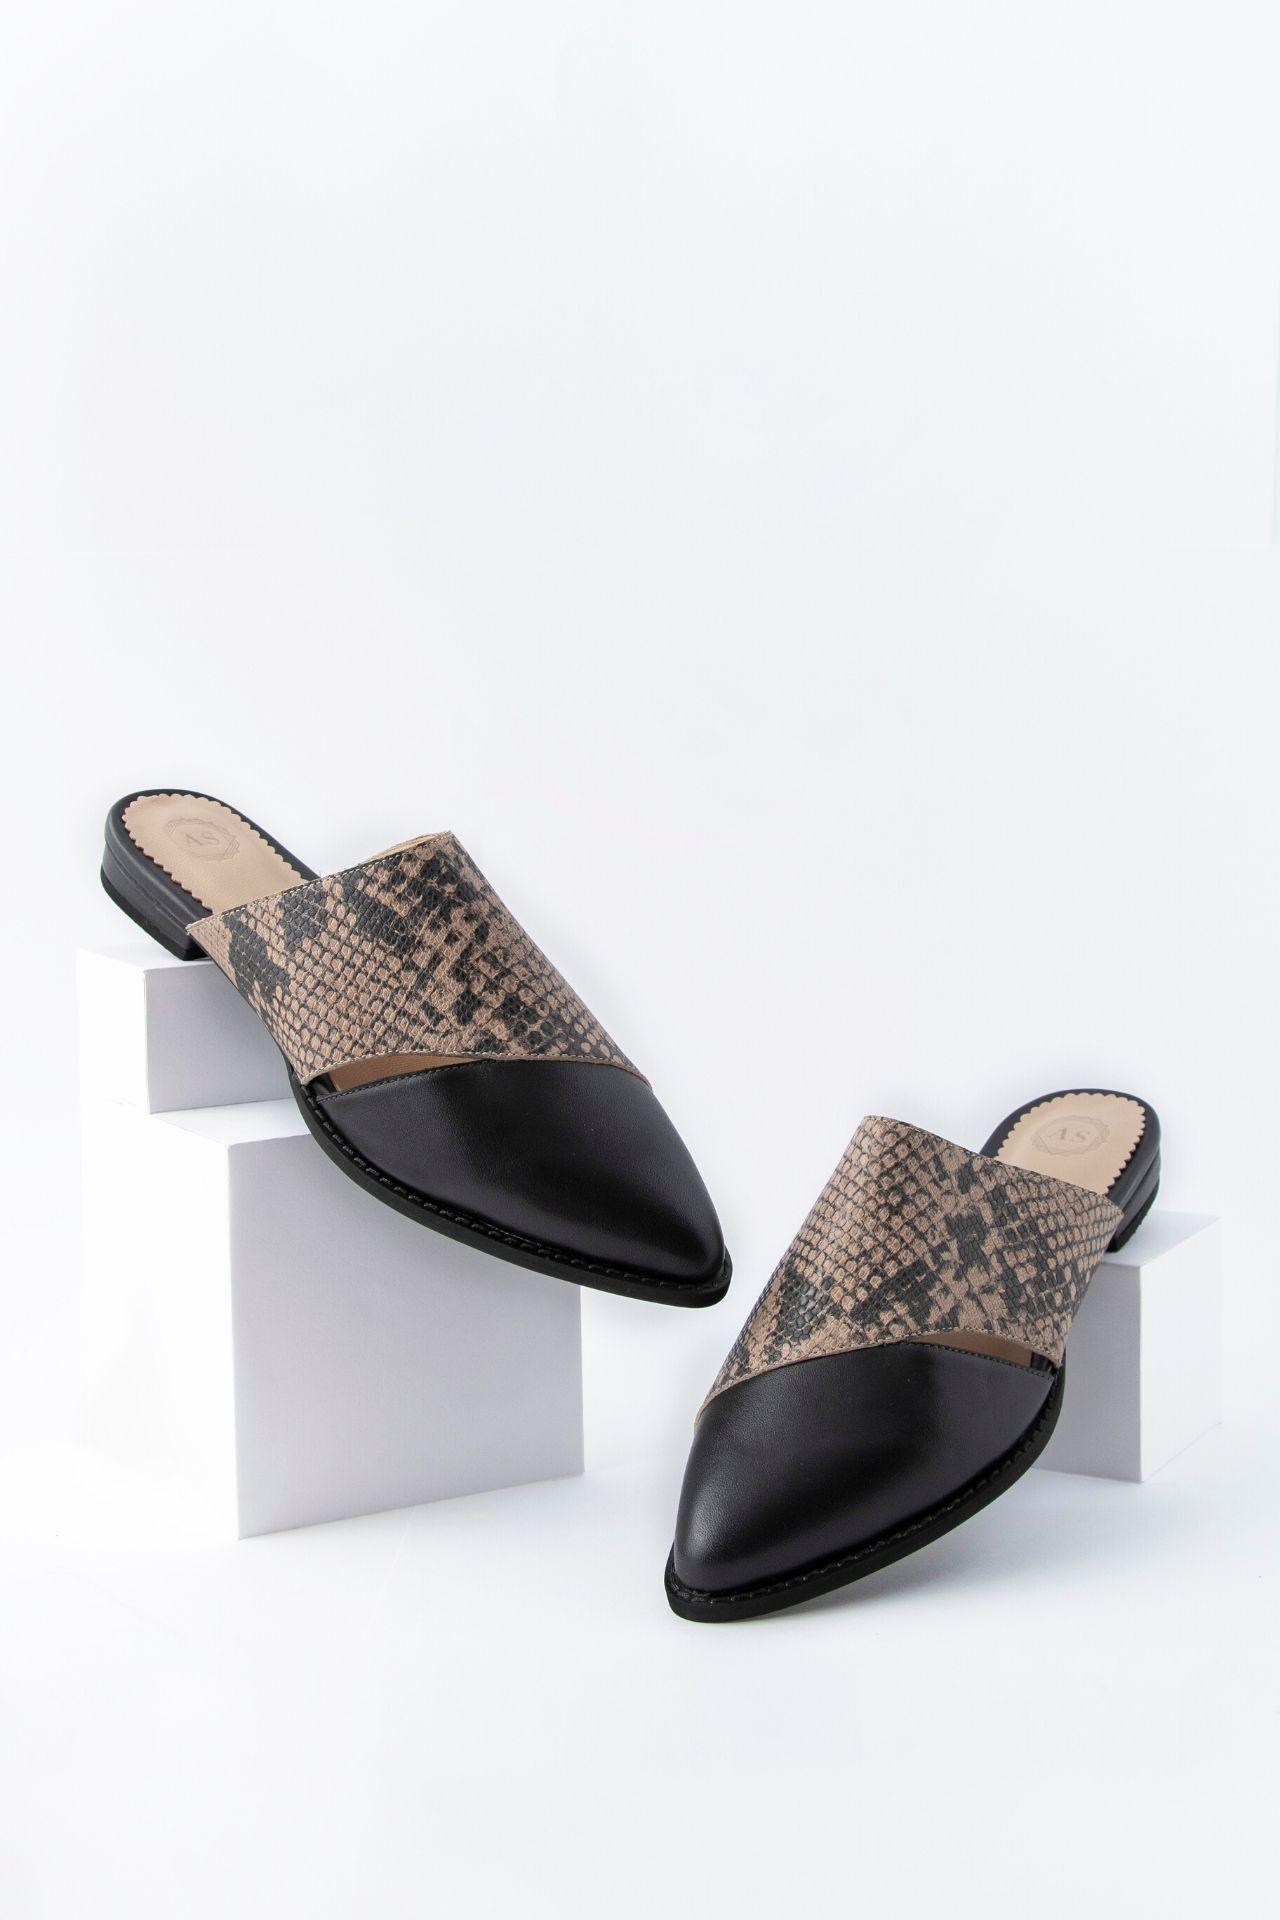 Zapatos 100% manufacturados a mano con cuero noble  Taco: 5. 5 cm  Tamaño:  35: 23.5 cm  36: 24.5 cm  37: 25 cm  38: 25.5 cm  39: 26.5 cm  40: 27 cm  La horma es exacta, en esta marca serías la misma talla que usas normalmente.